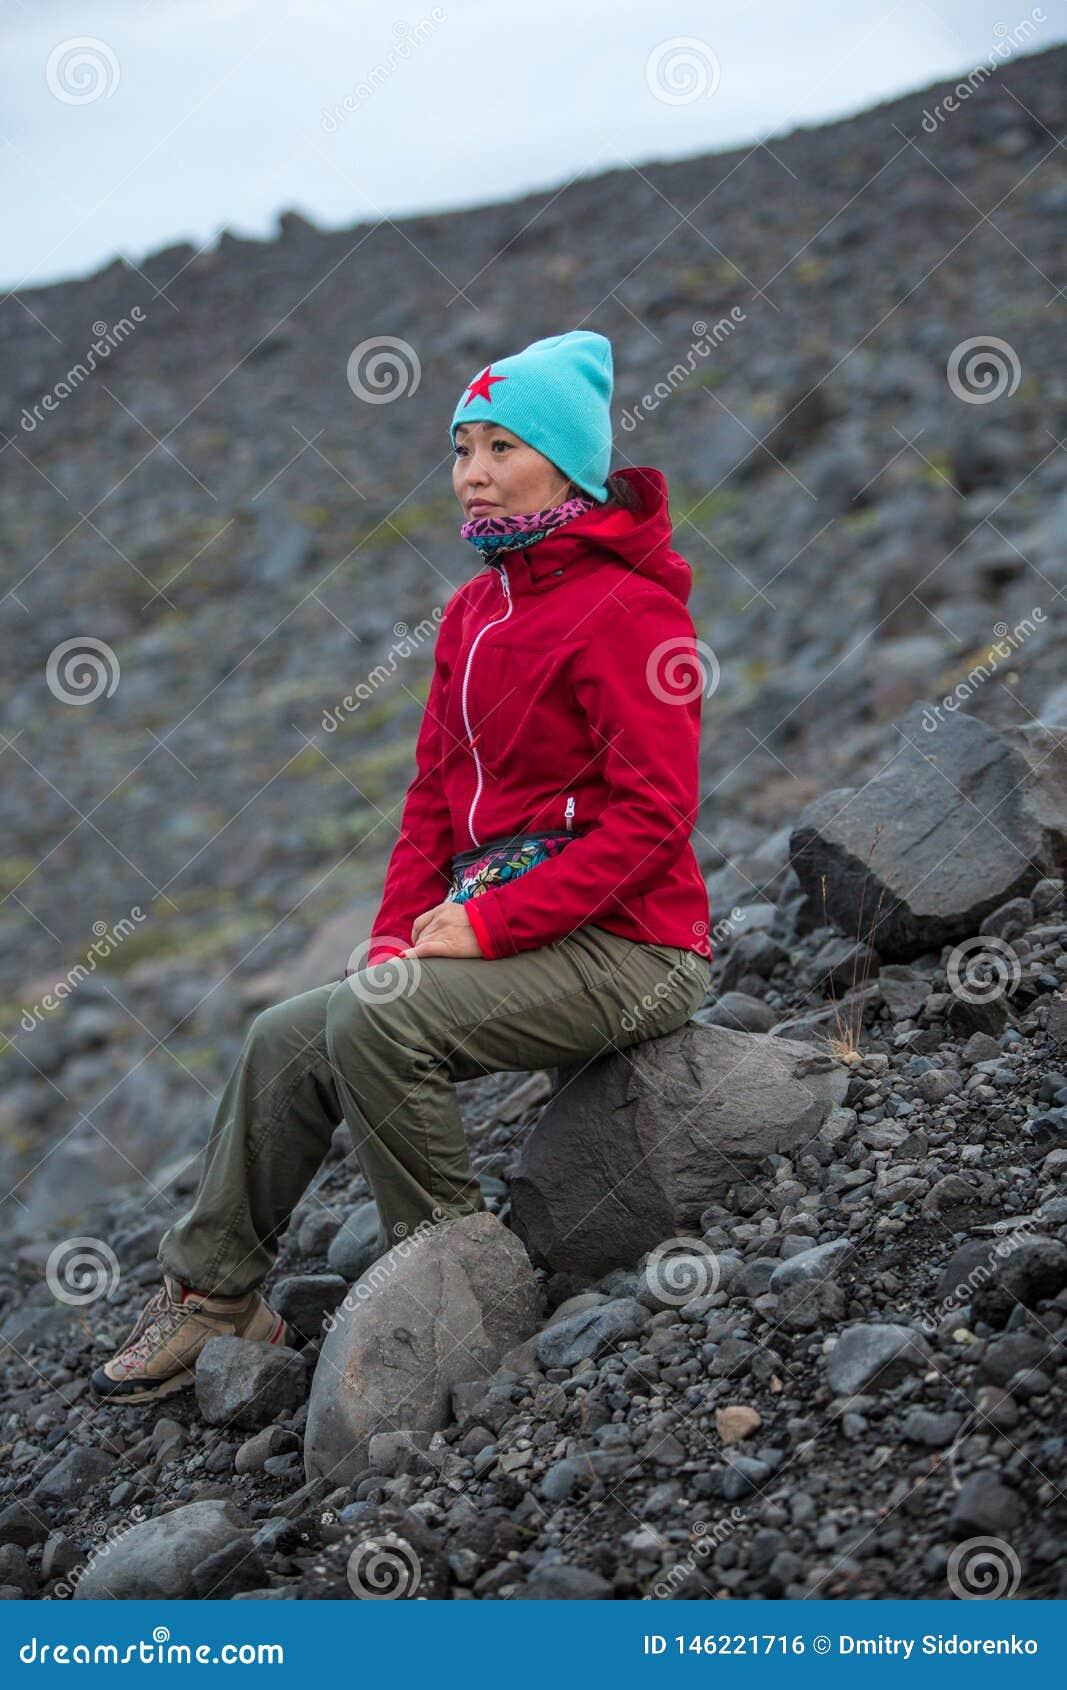 Mädchen in einer roten Jacke, die auf einem Stein auf dem Hintergrund einer felsigen Steigung sitzt